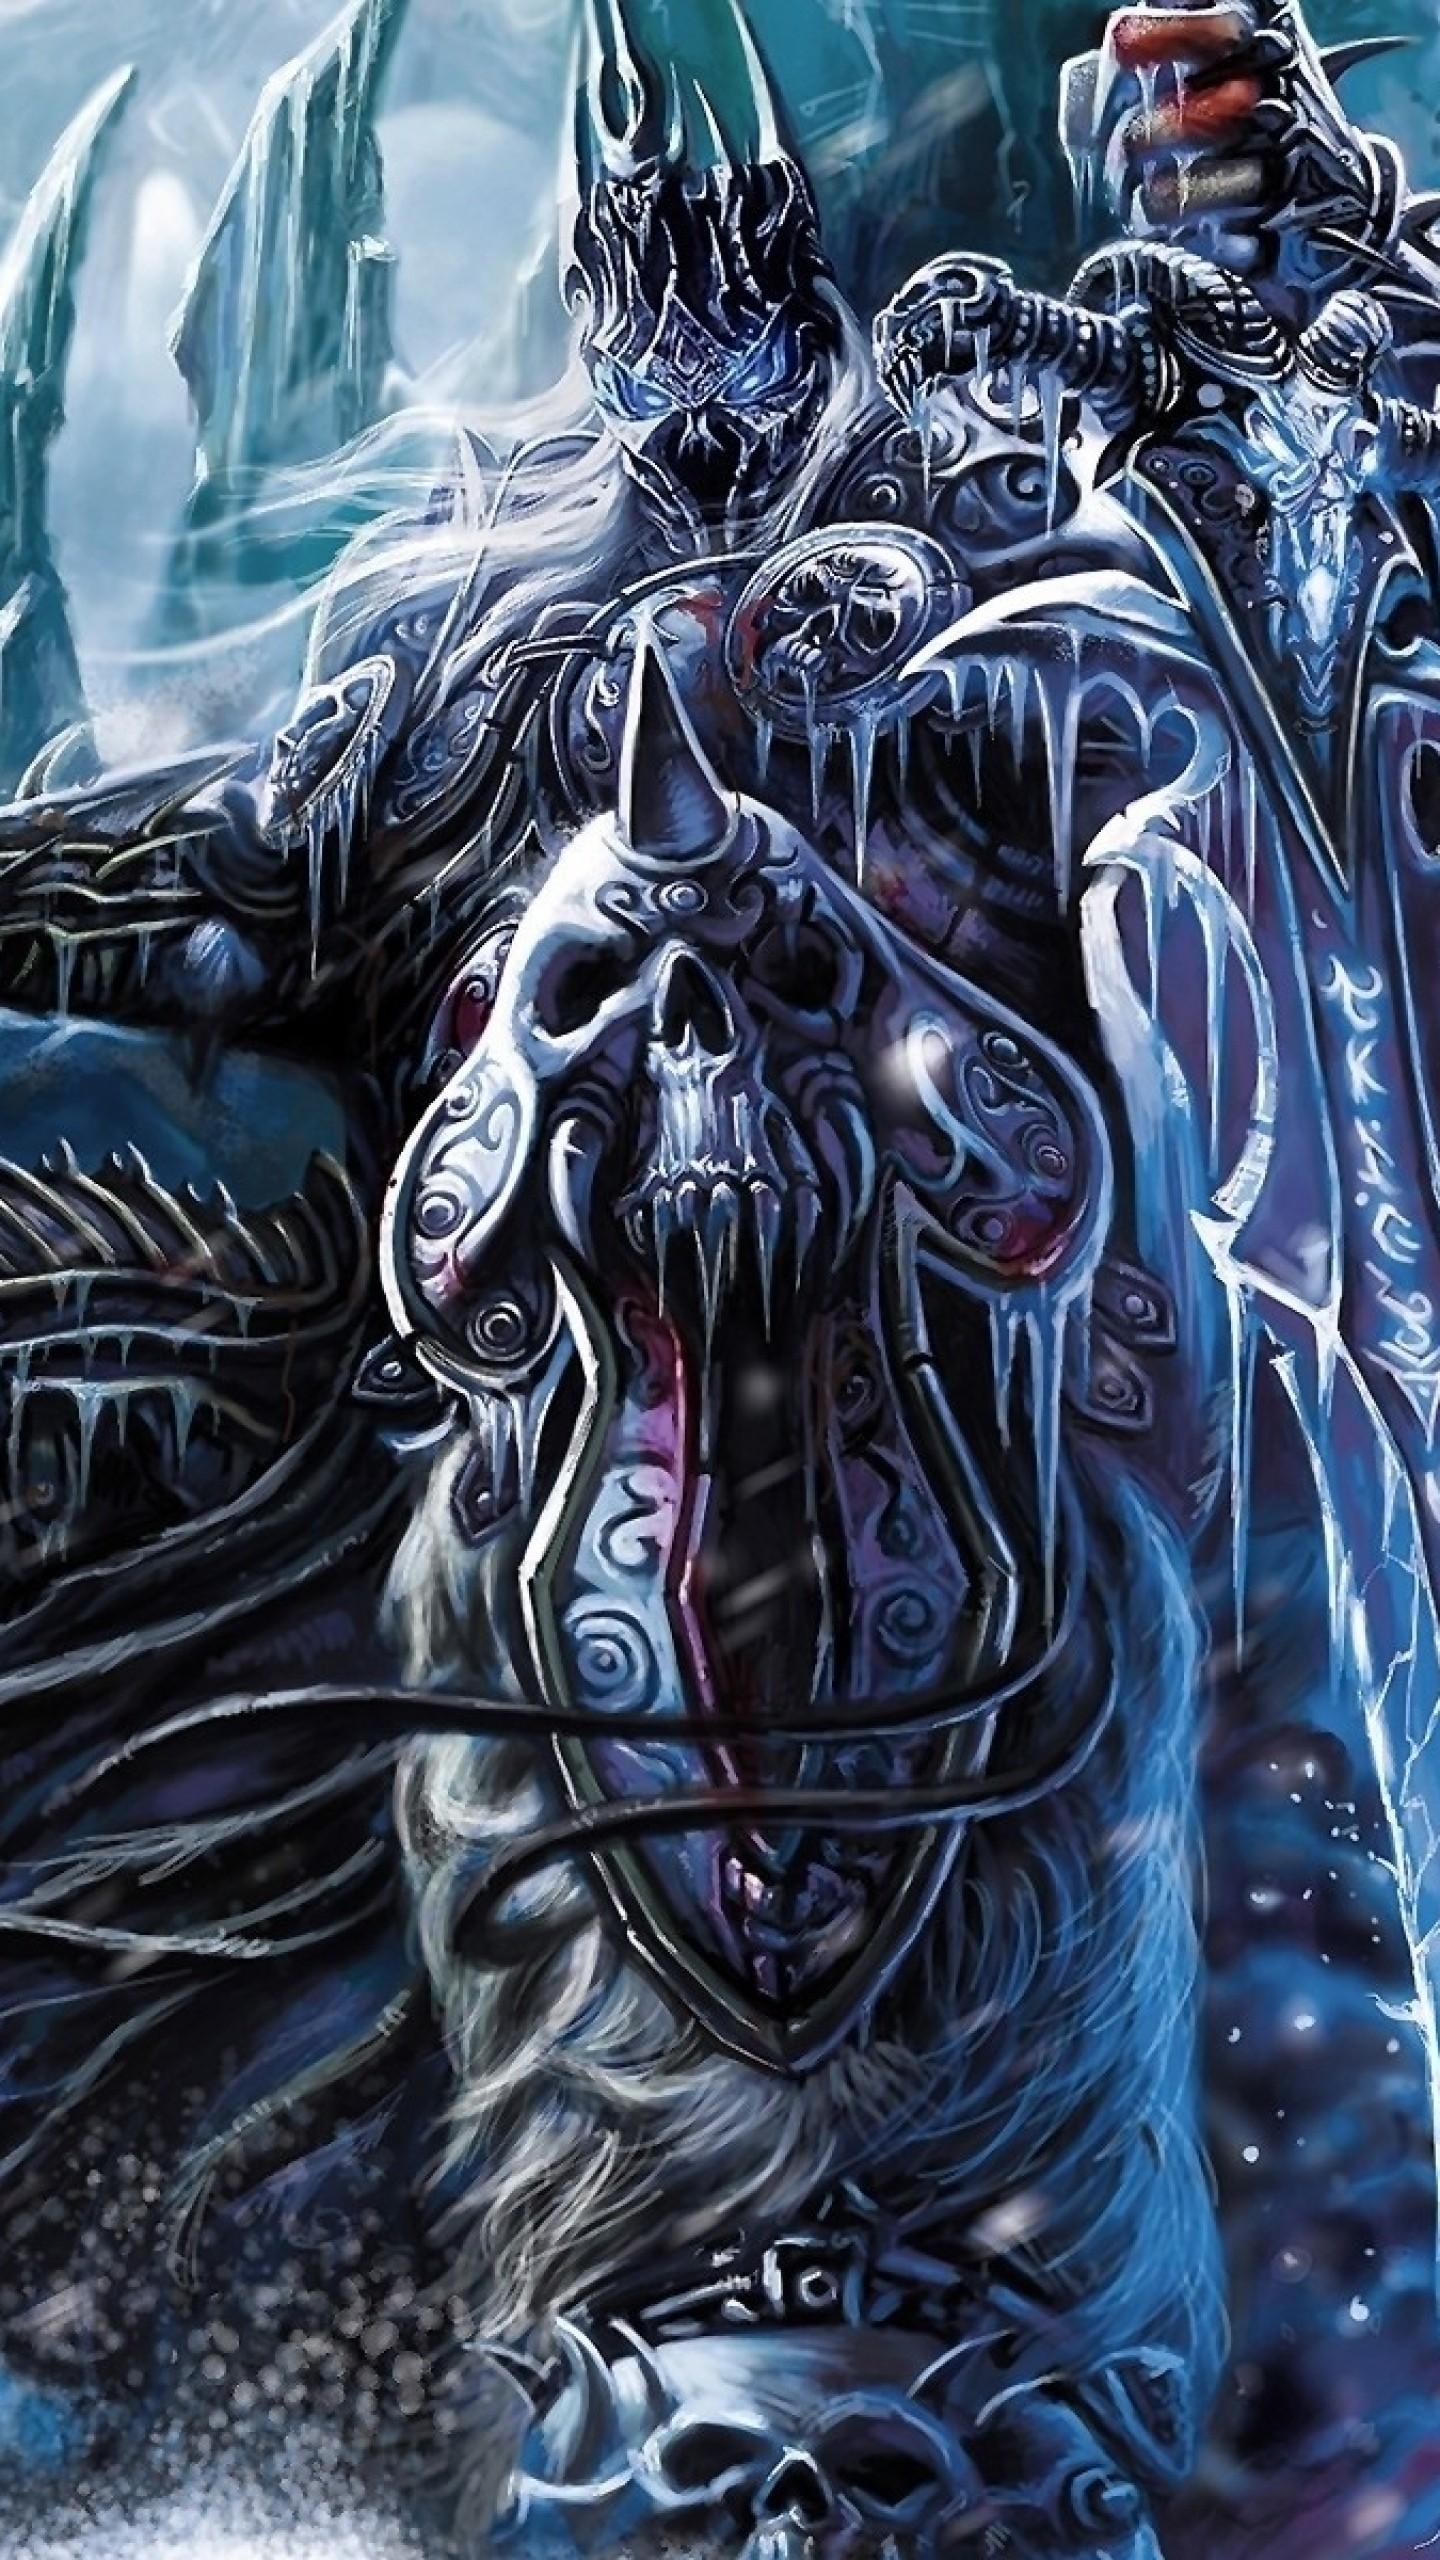 King skull wallpaper - King wallpaper ...